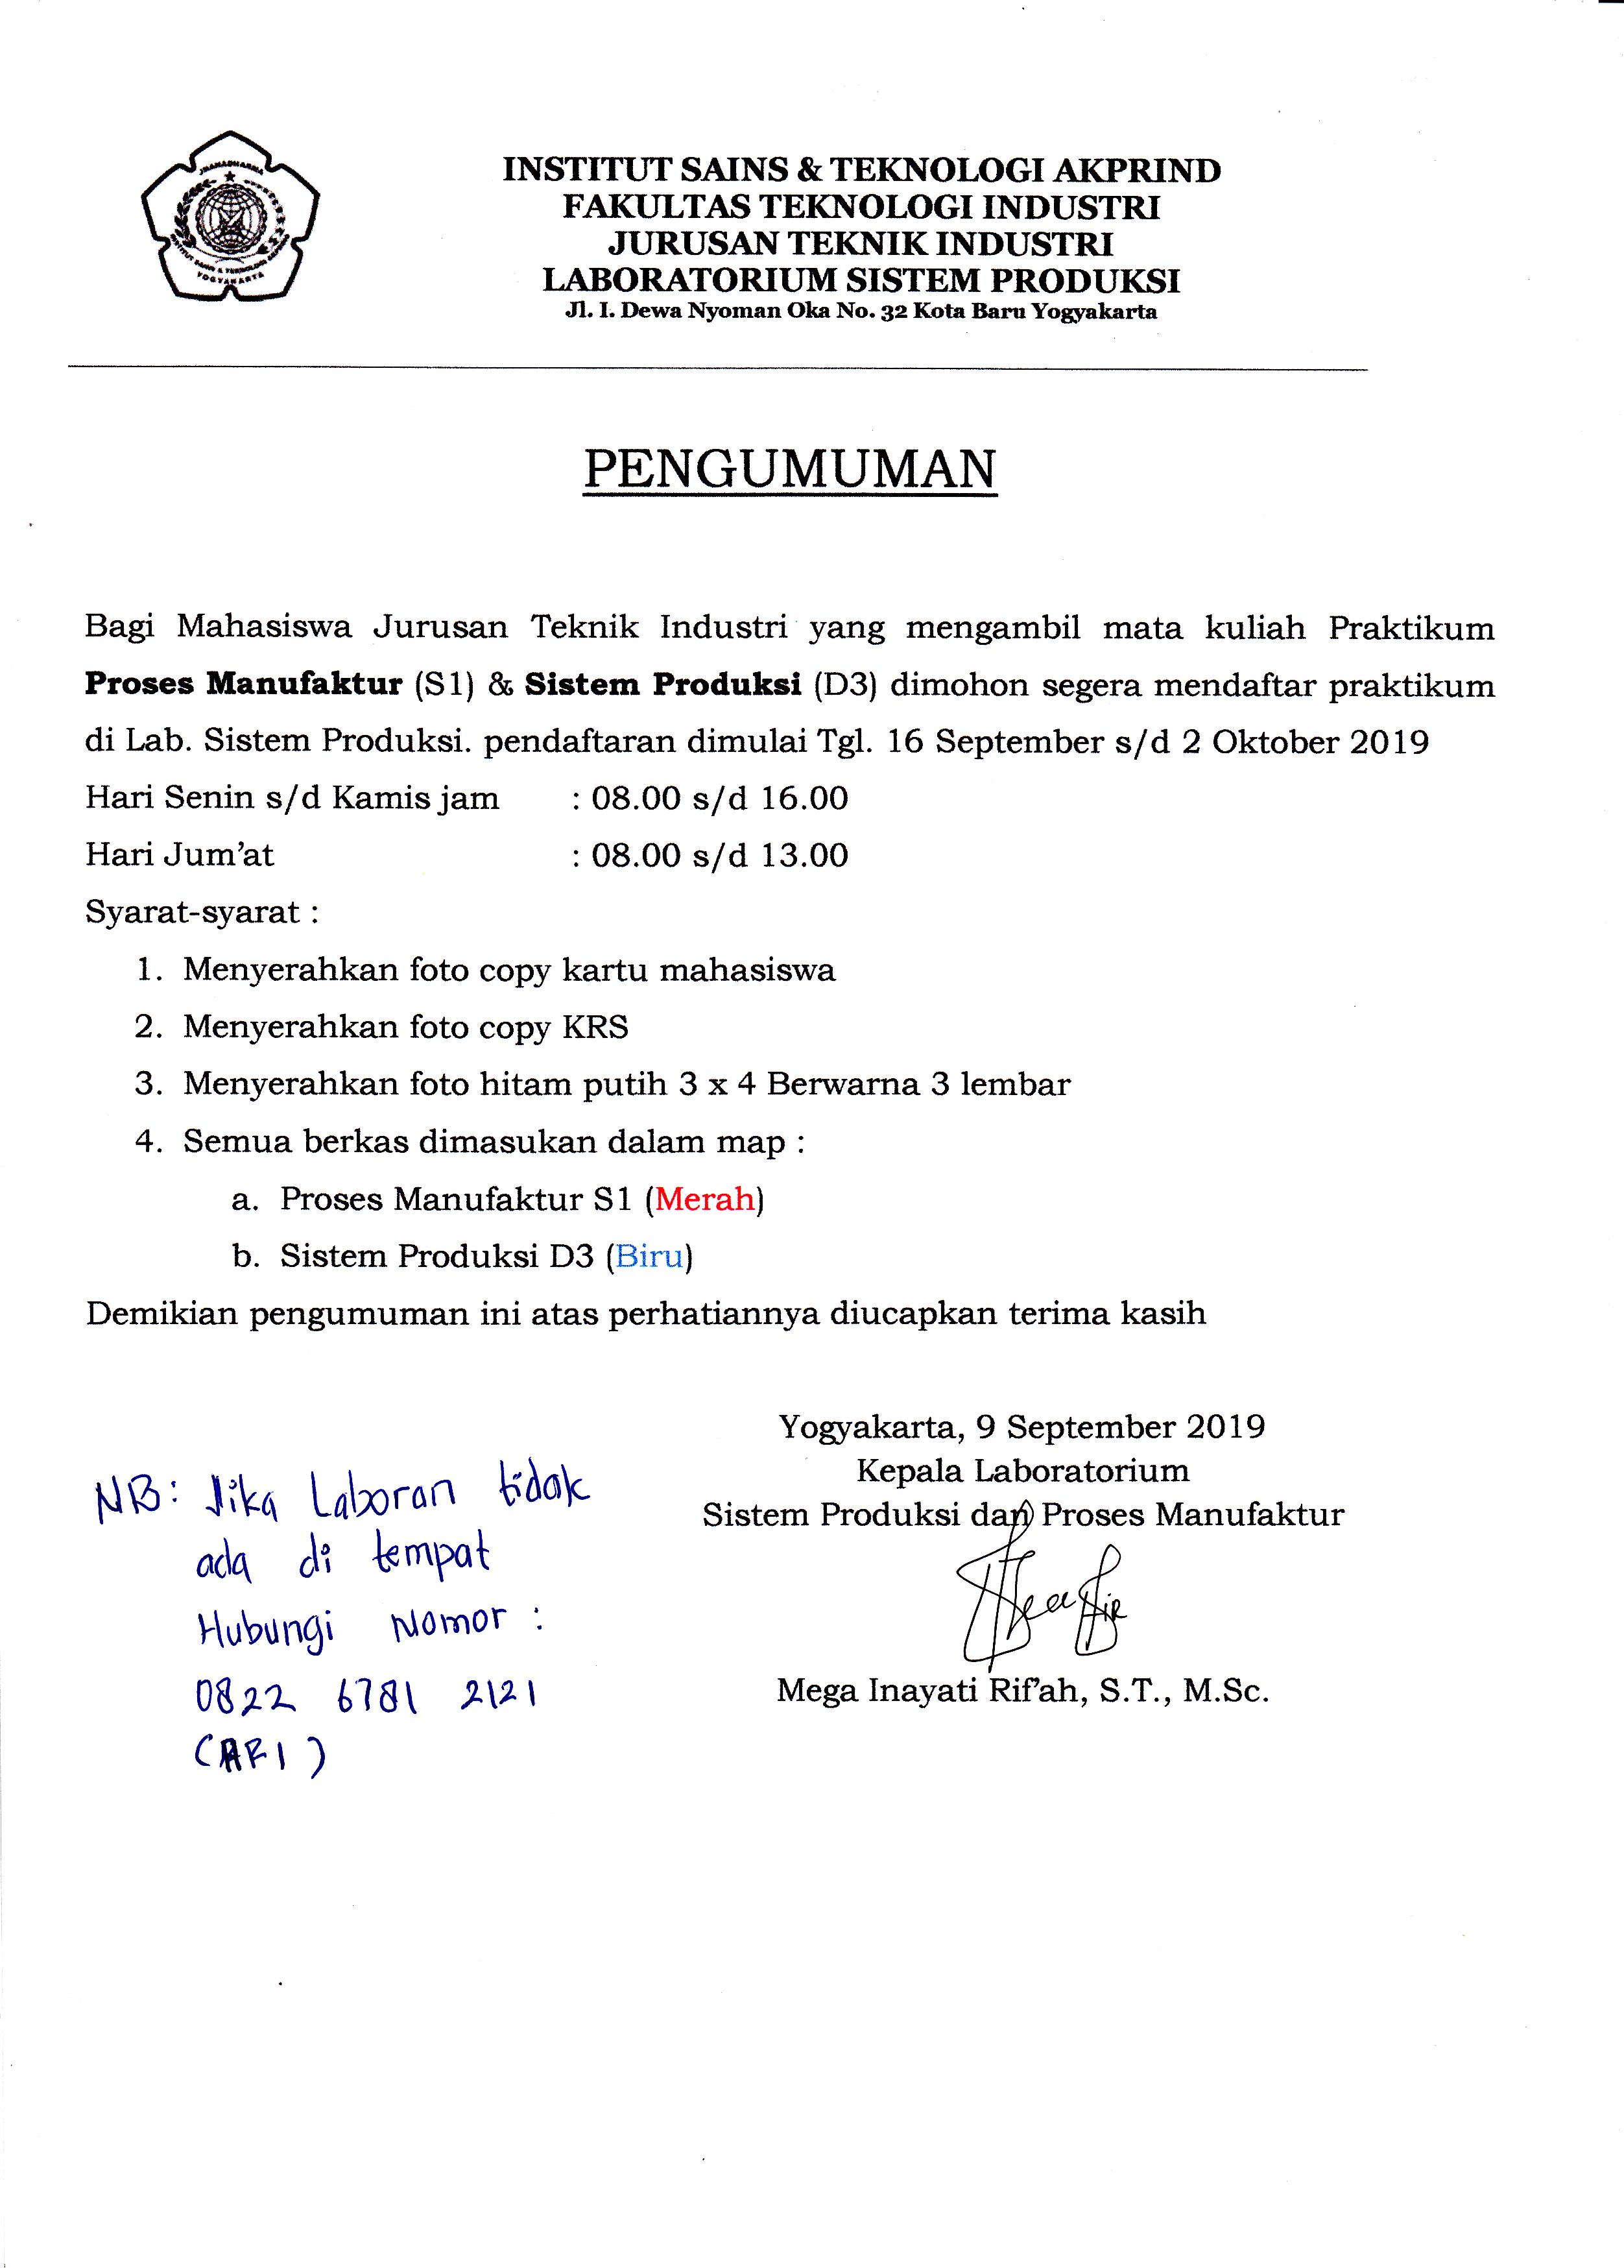 Pendaftaran Praktikum Sistem Produksi dan Manufaktur Sem Ganjil TA 2019/2020